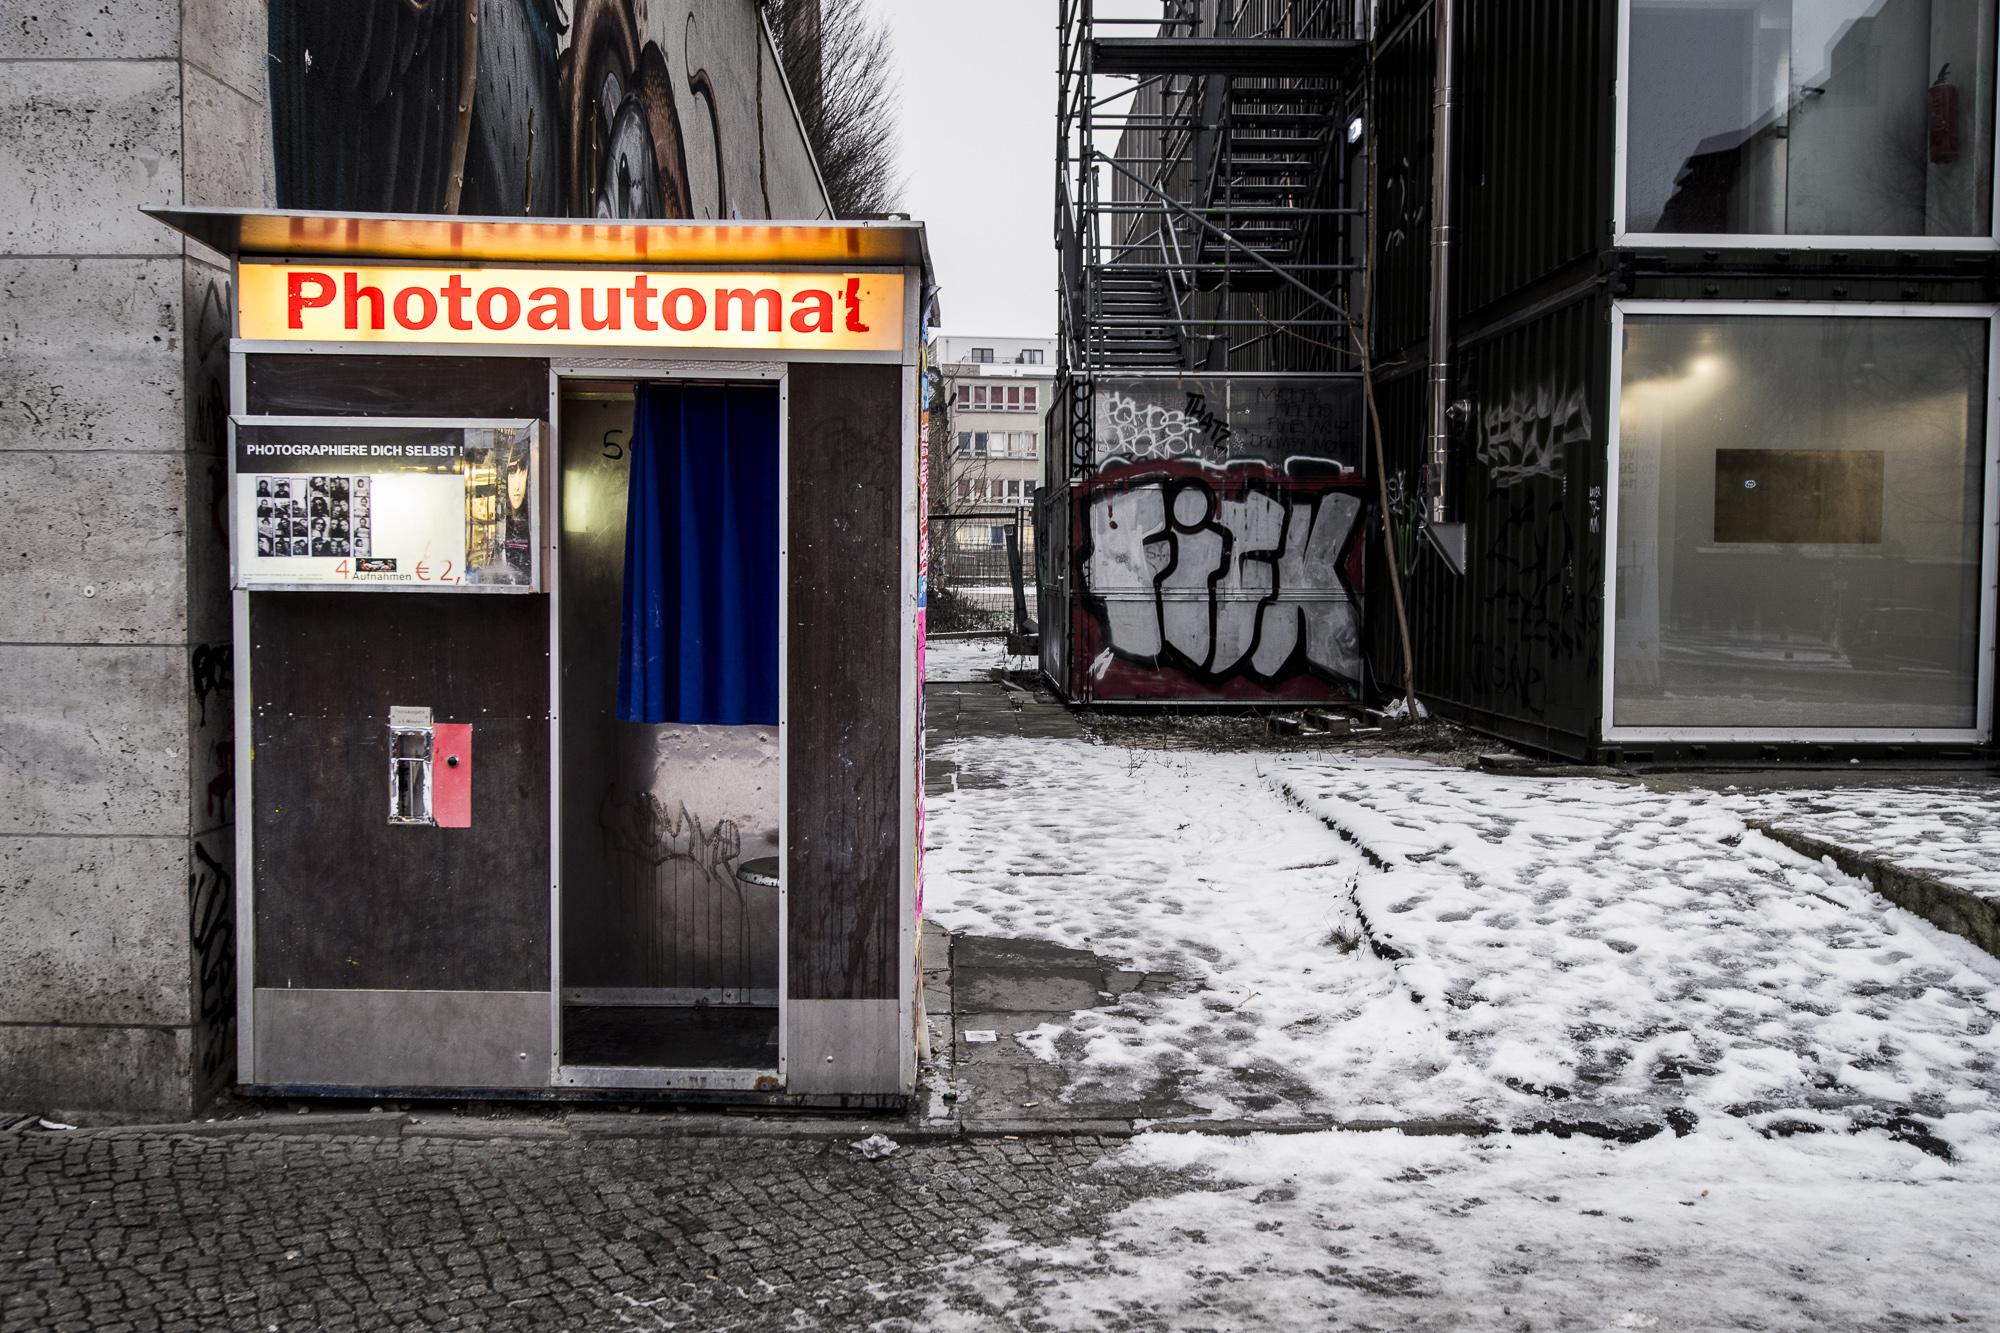 Schönhauser Allee 9  PHOTOGRAPHY: ALEXANDER J.E. BRADLEY • NIKON D500 • AF-S NIKKOR 14-24MM F/2.8G ED @ 22MM • F/4 • 1/40 • ISO 400